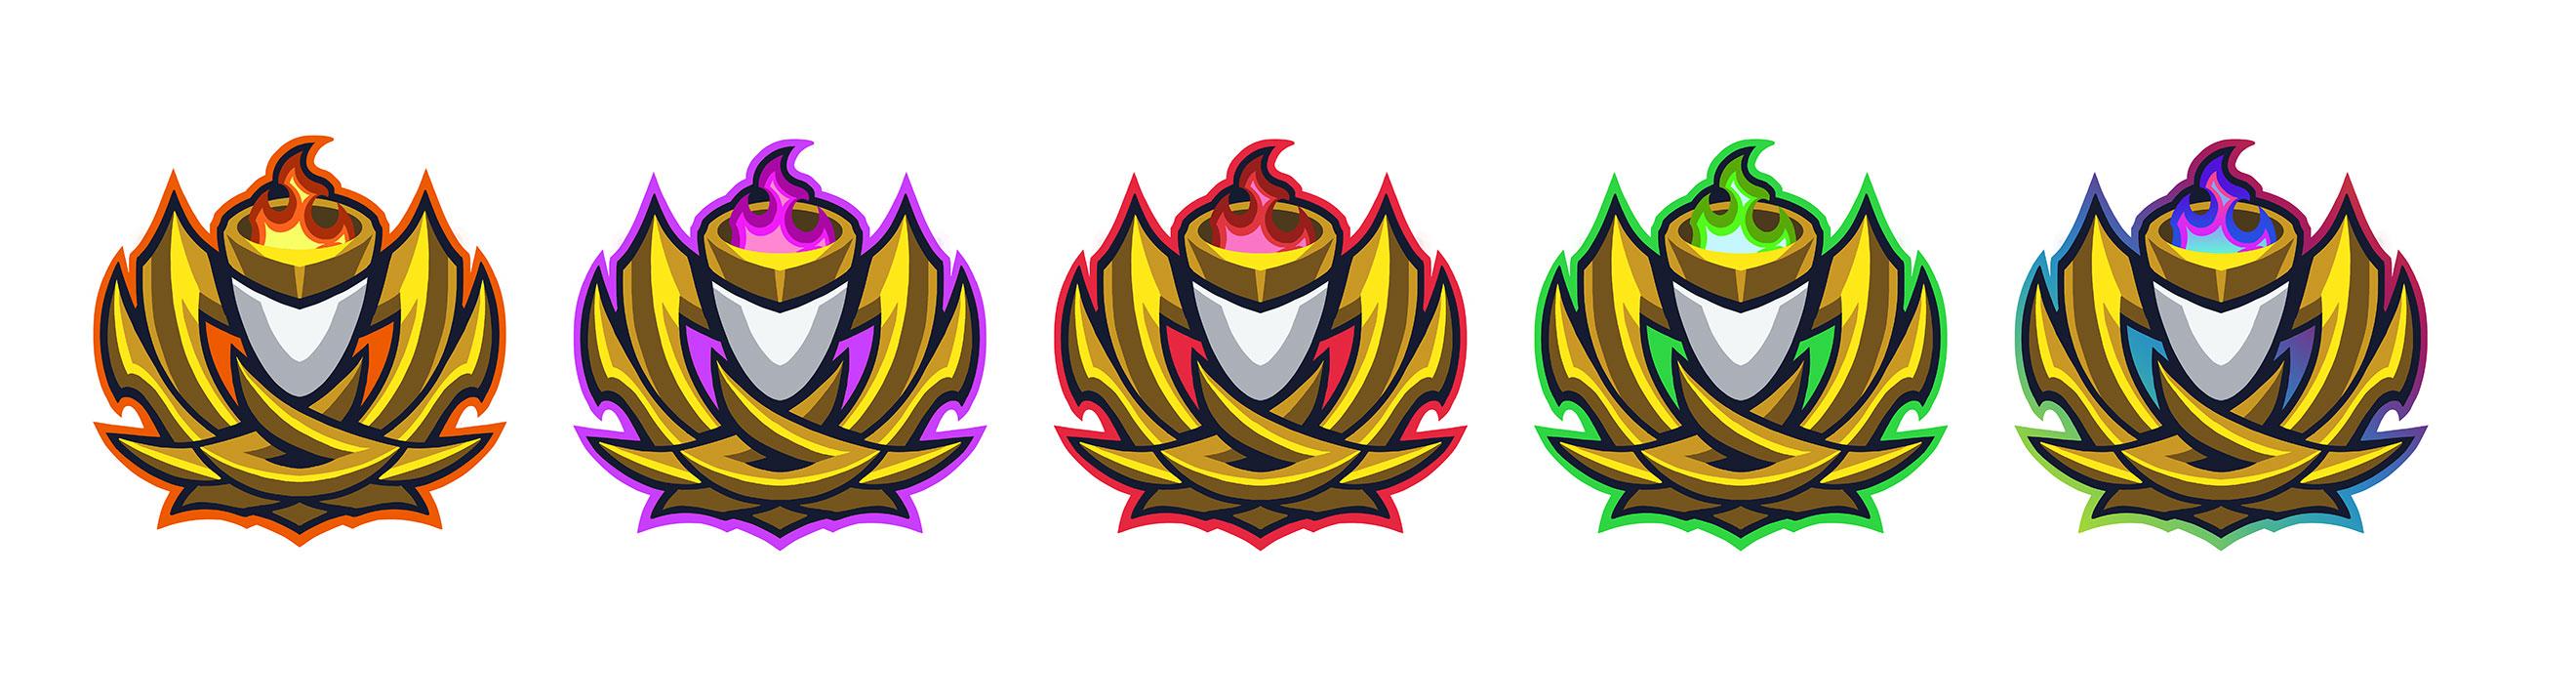 Tier3_Logos.jpg